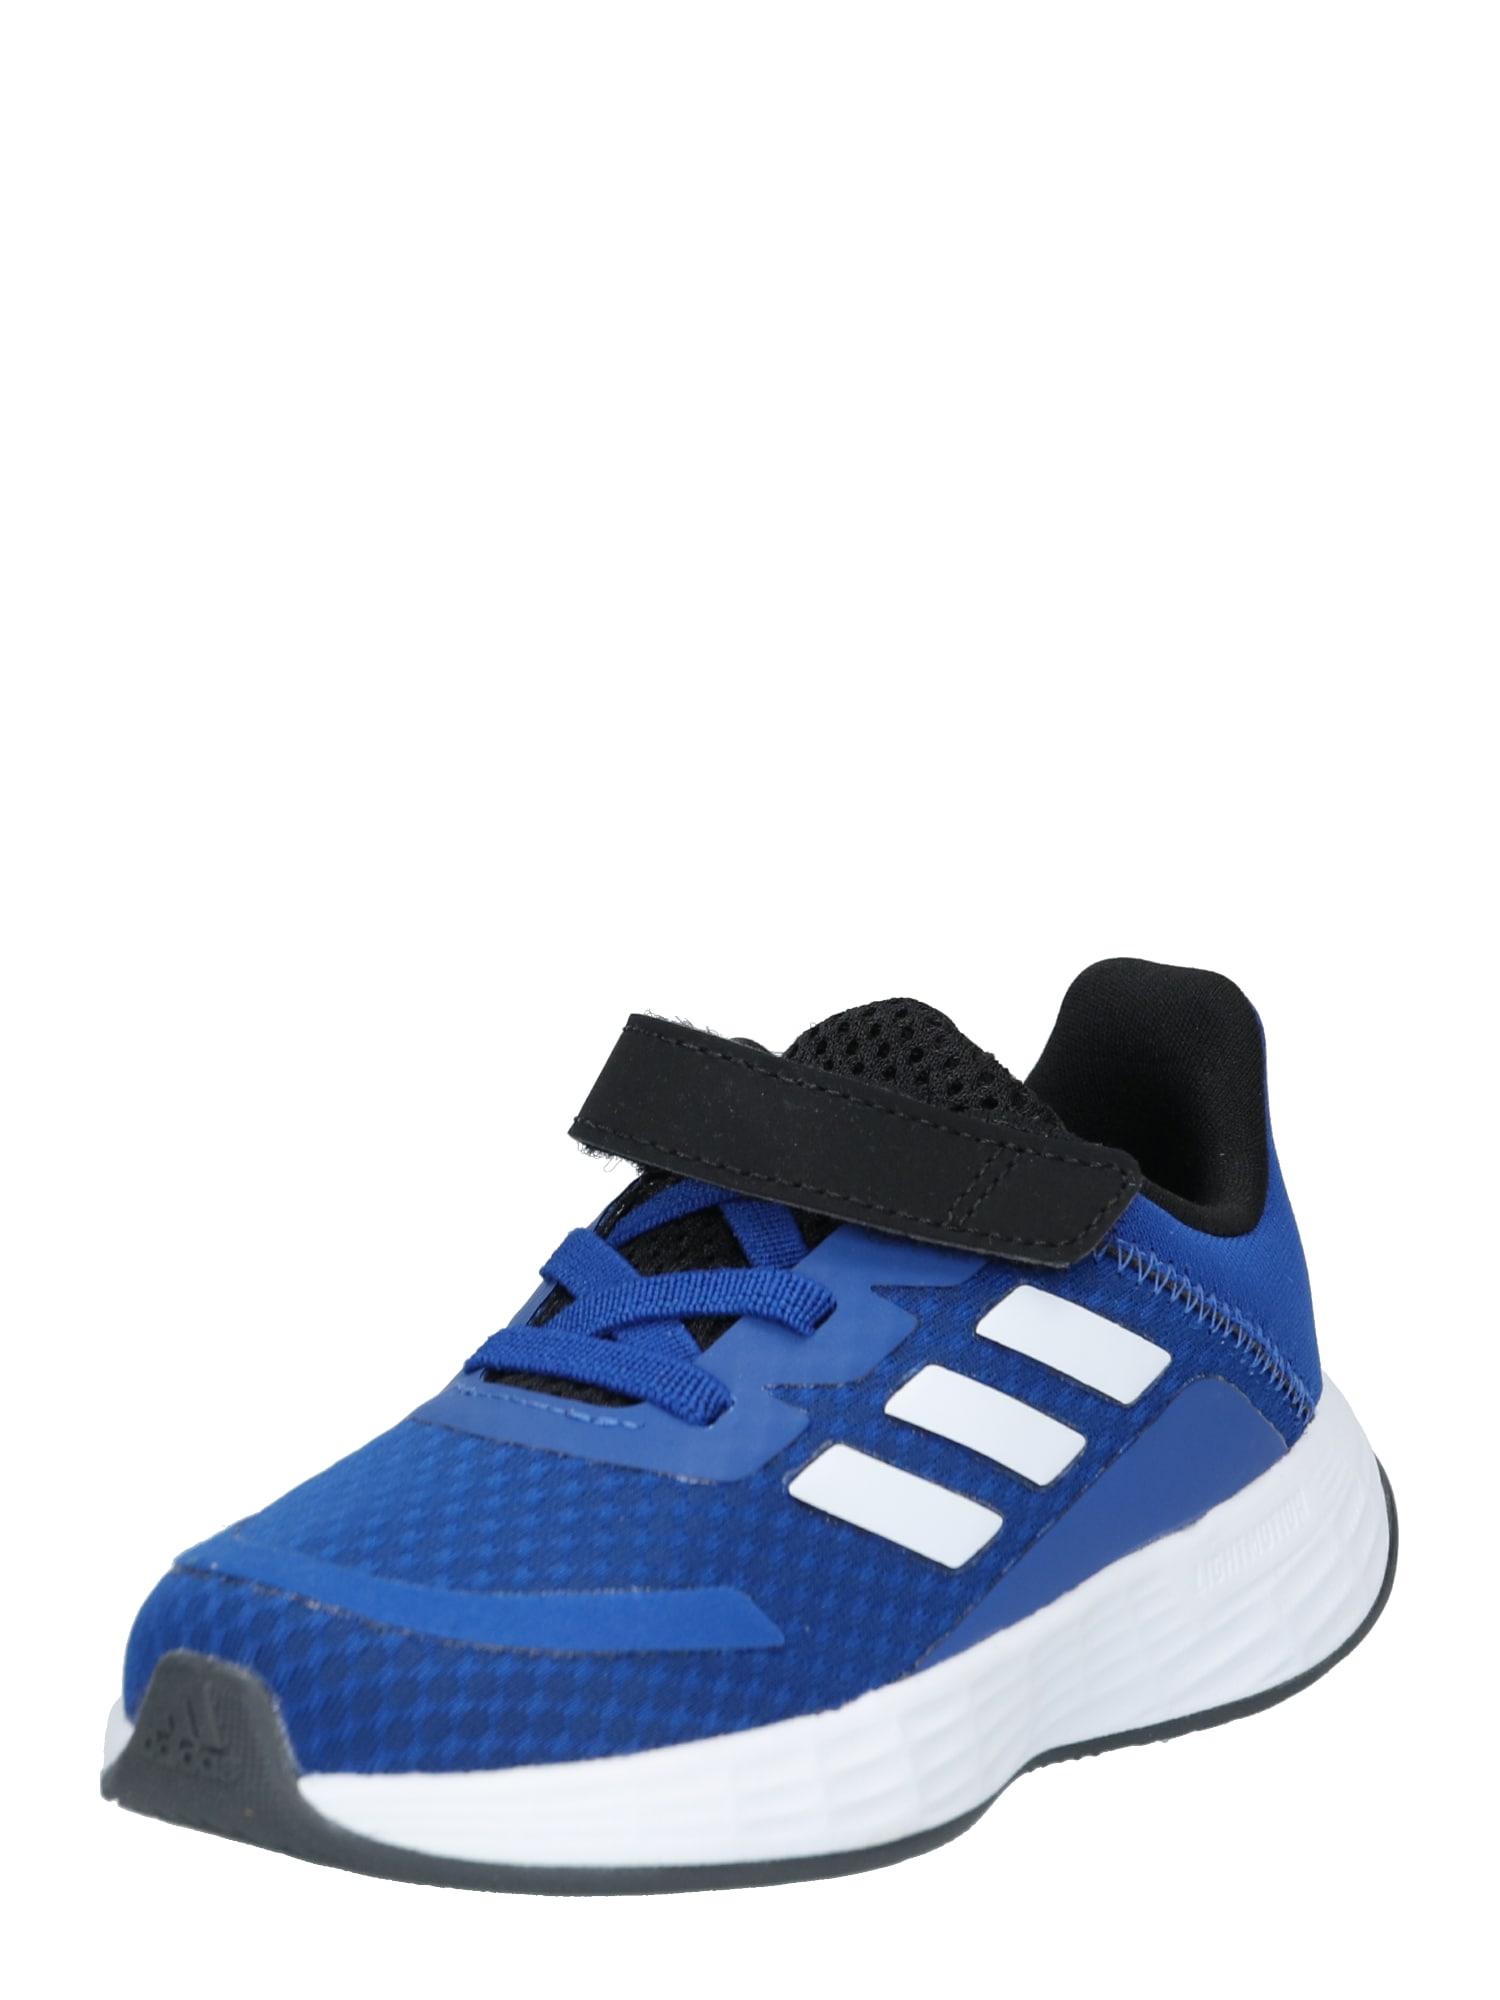 ADIDAS PERFORMANCE Sportovní boty 'Duramo'  bílá / modrá / černá